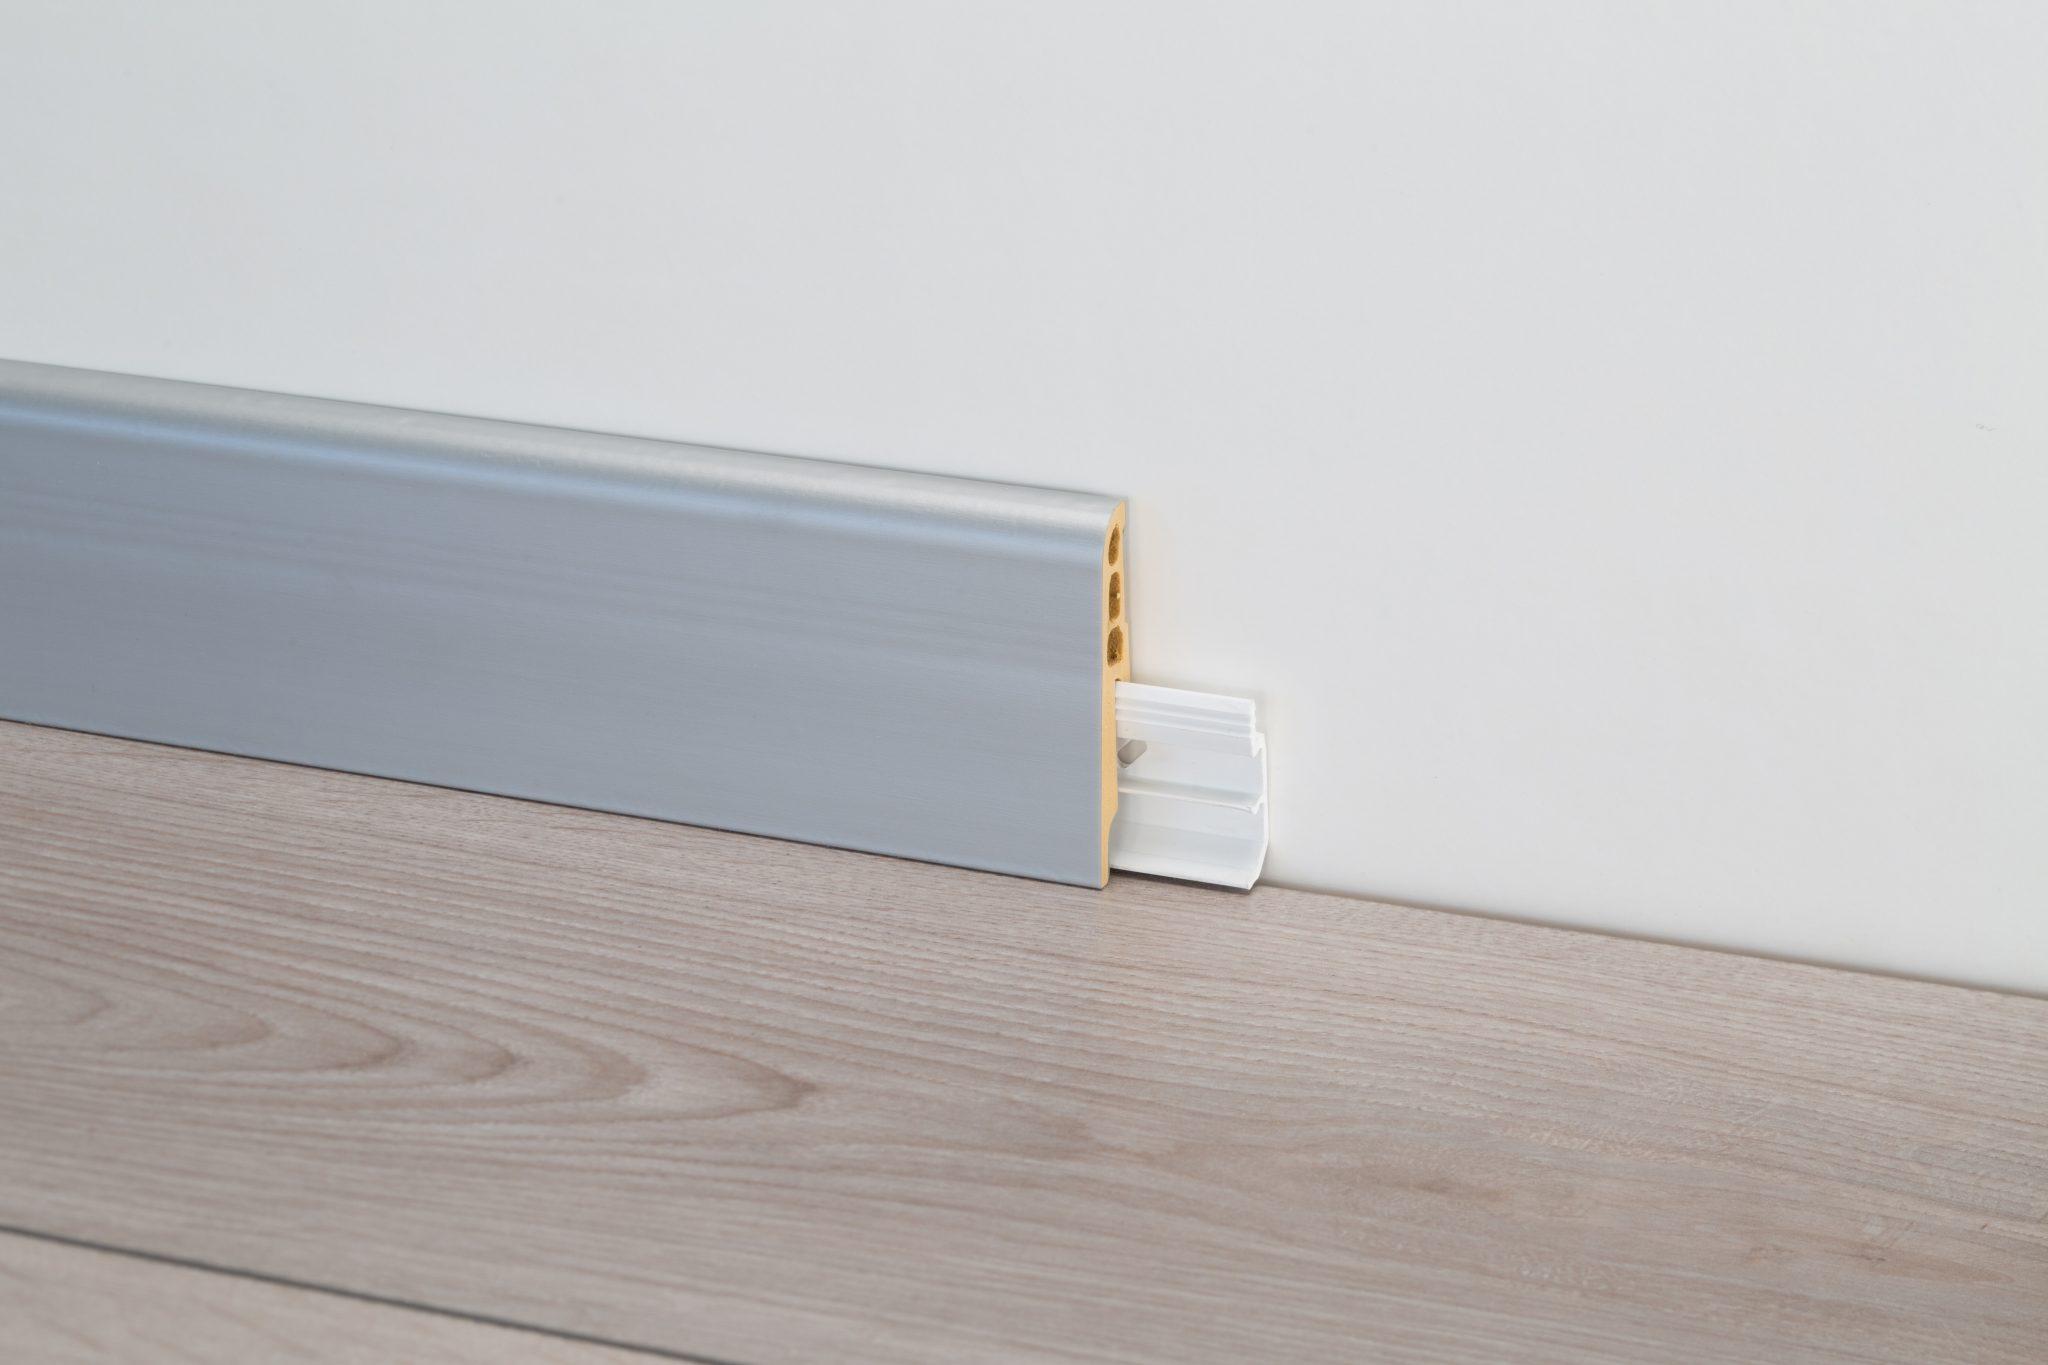 Colla Per Pavimenti Pvc battiscopa pvc 8608 alto 7 cm effetto legno, bianco